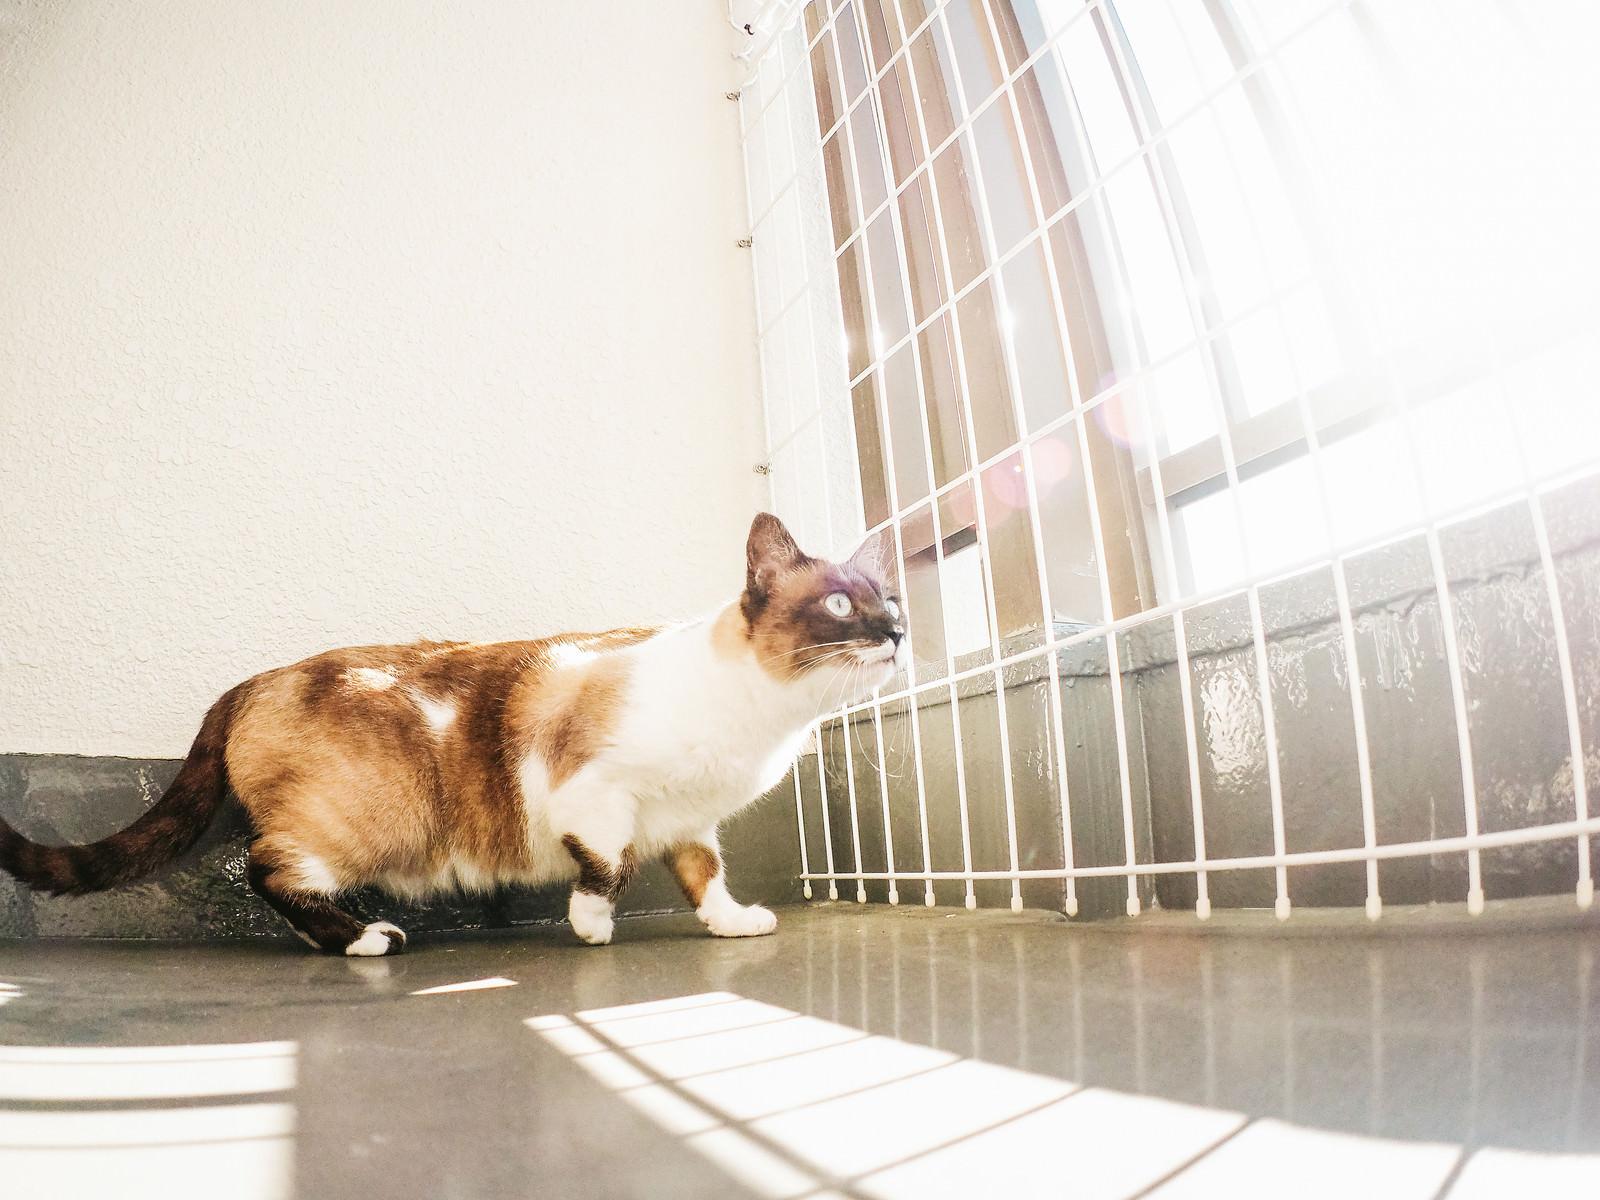 「ベランダから猫が逃げないようにする脱走防止」の写真